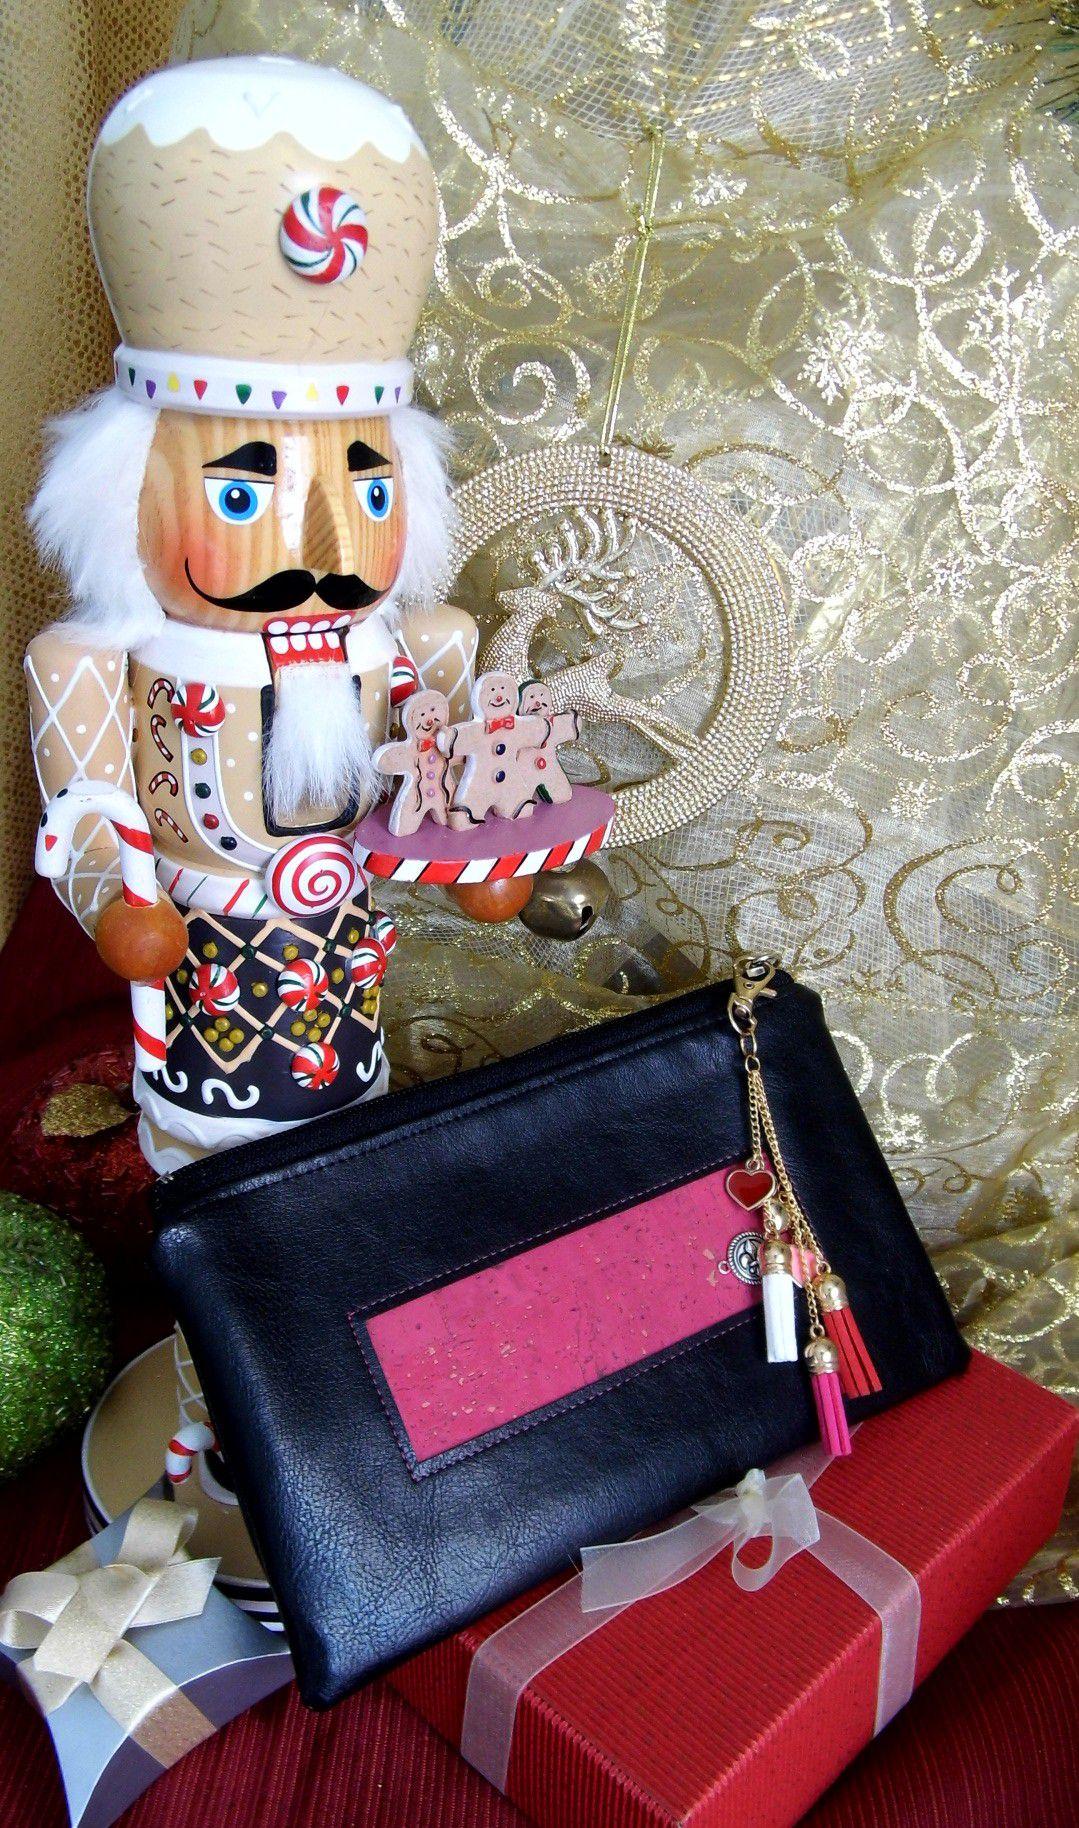 estyseller zipperpouch etsy passportpouch travelwallet corkleather pink black stockingfiller giftidea gennhaio fauxleather handmade veganleather tassels chrismas passportholder clutchbag